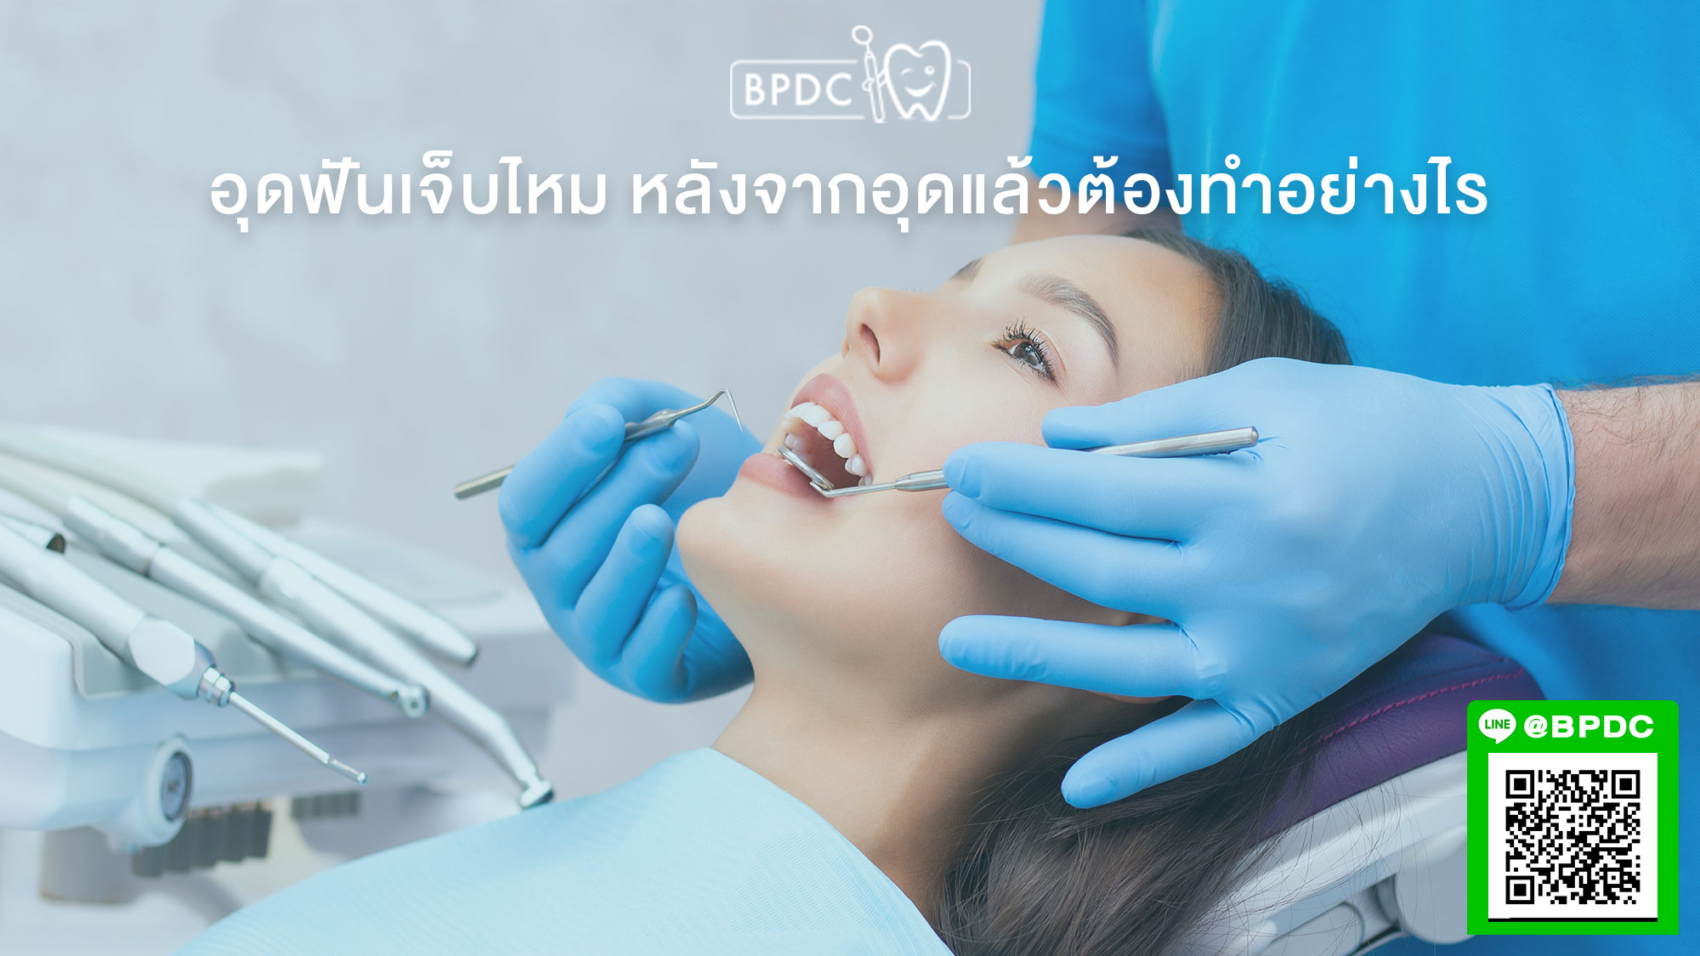 อุดฟันเจ็บไหม-หลังจากอุดแล้วต้องทำอย่างไร